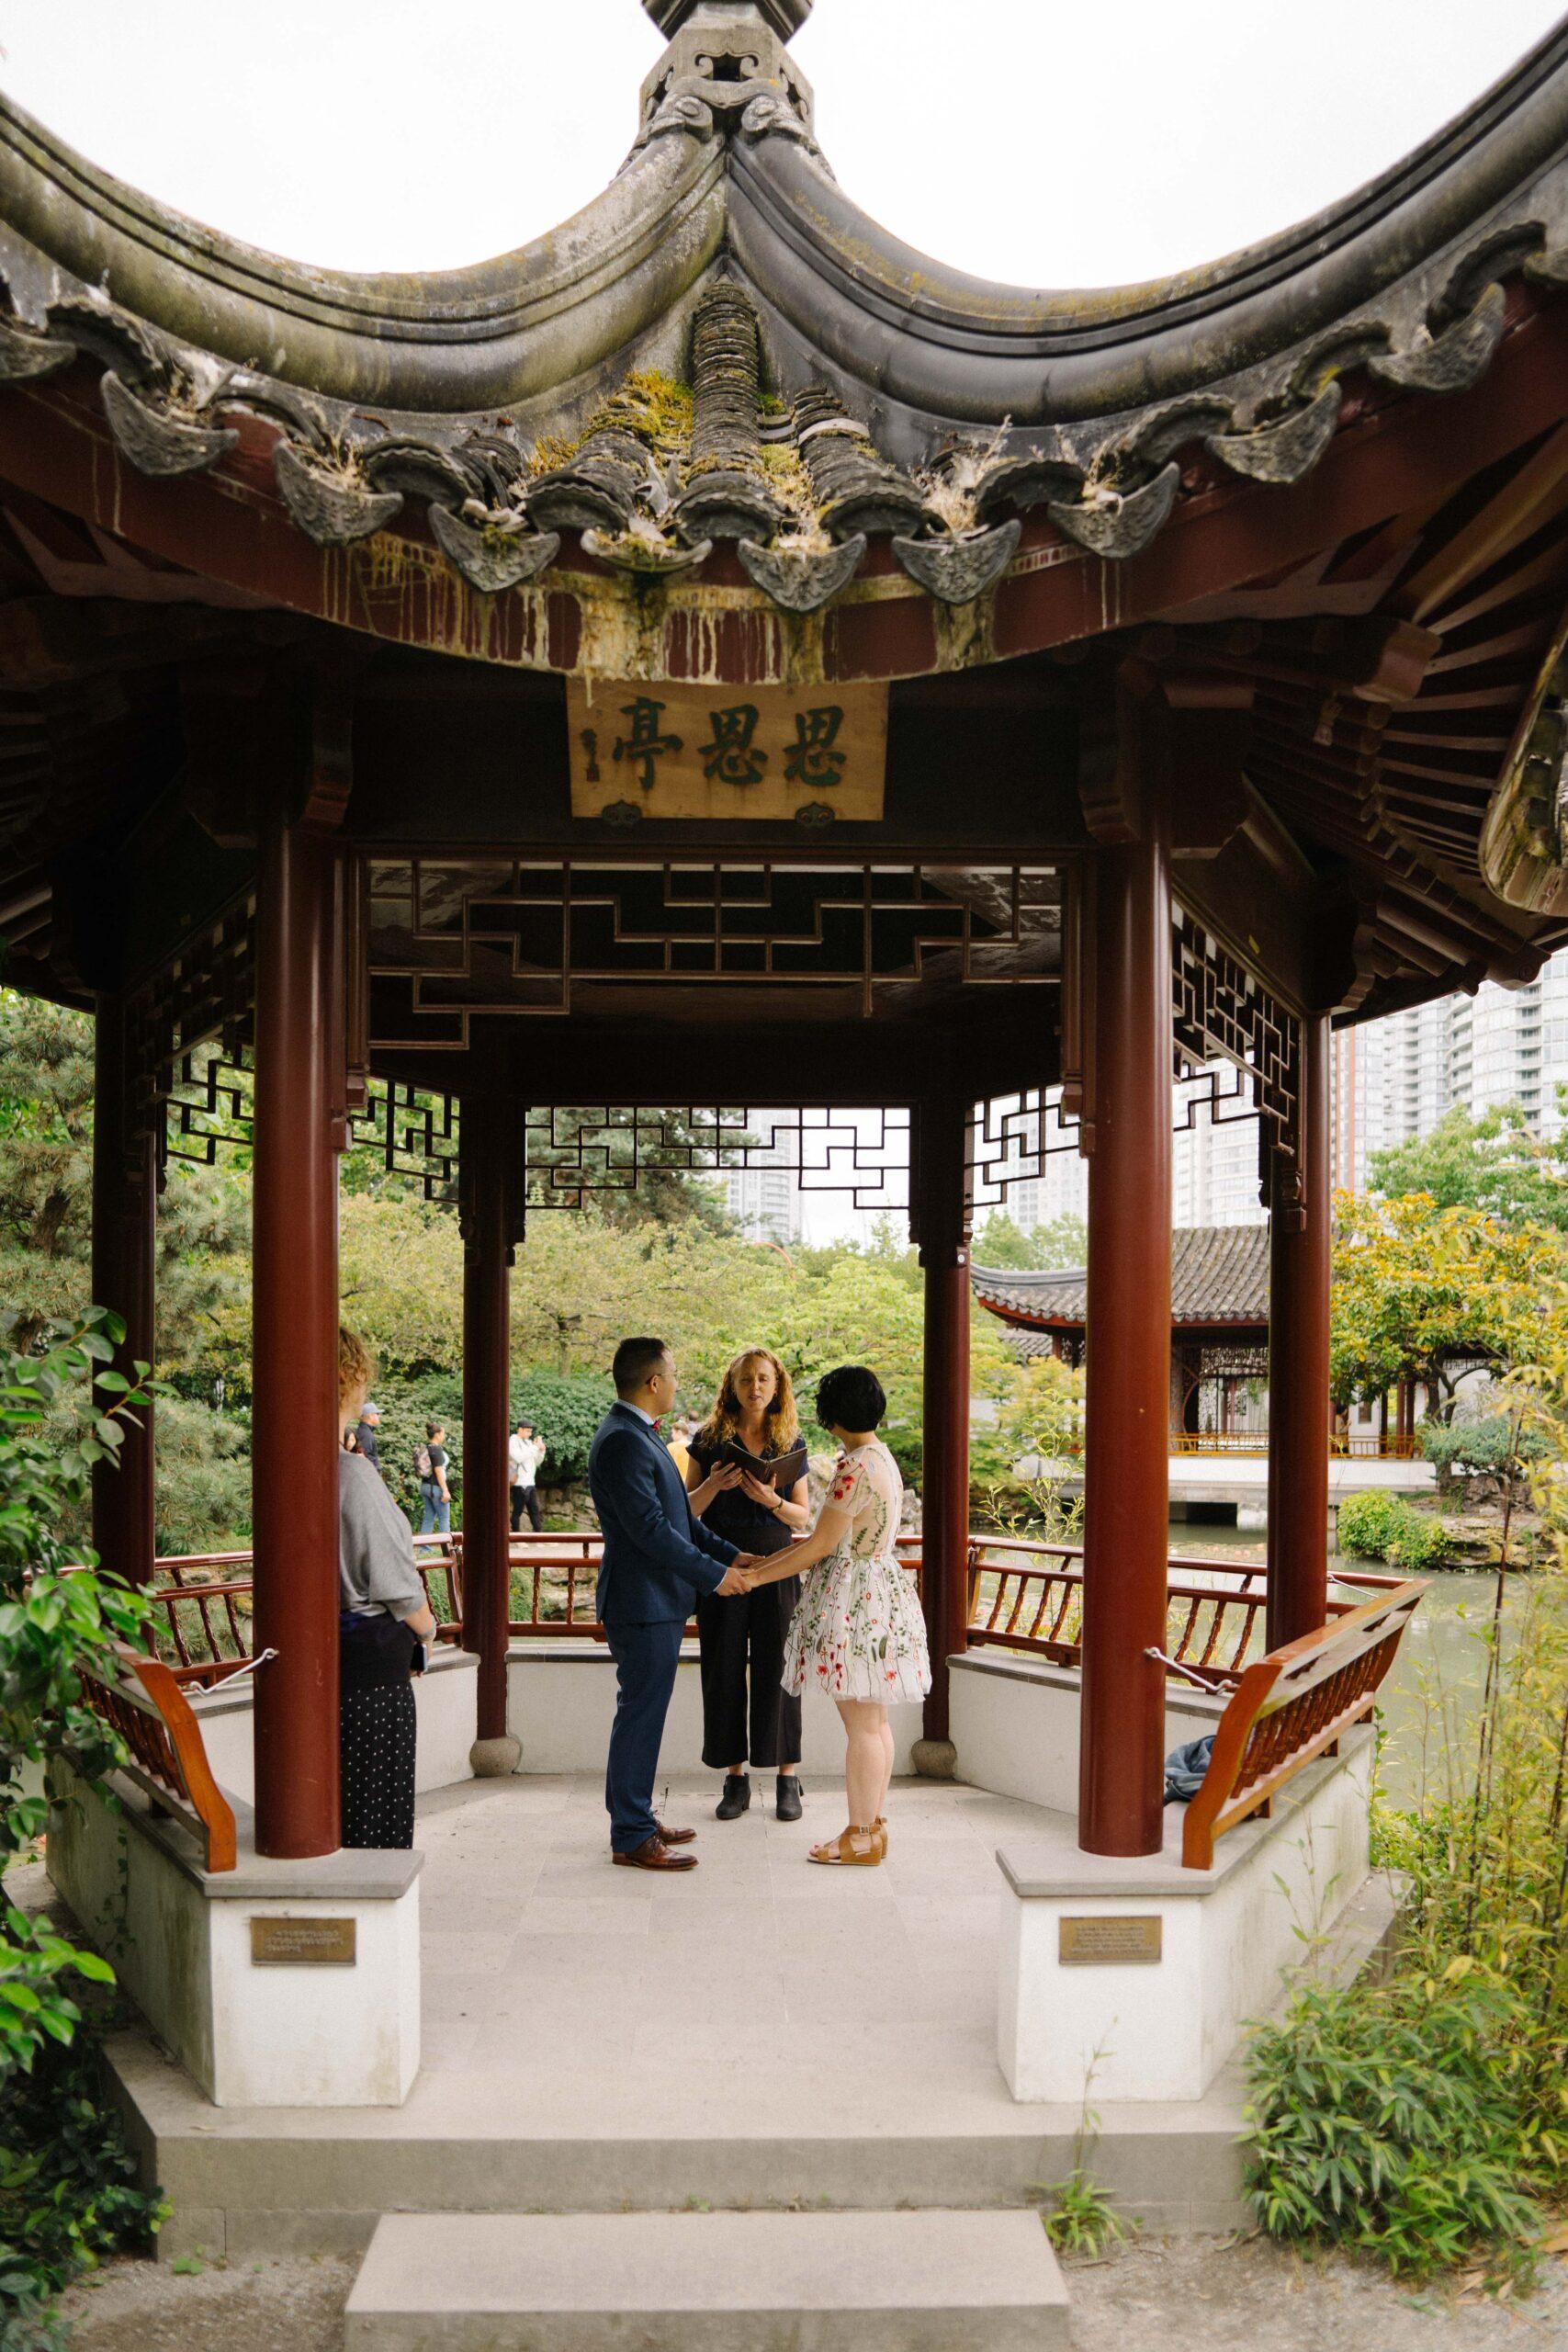 Dr. Sun Yat Sen Chinese Gardens wedding